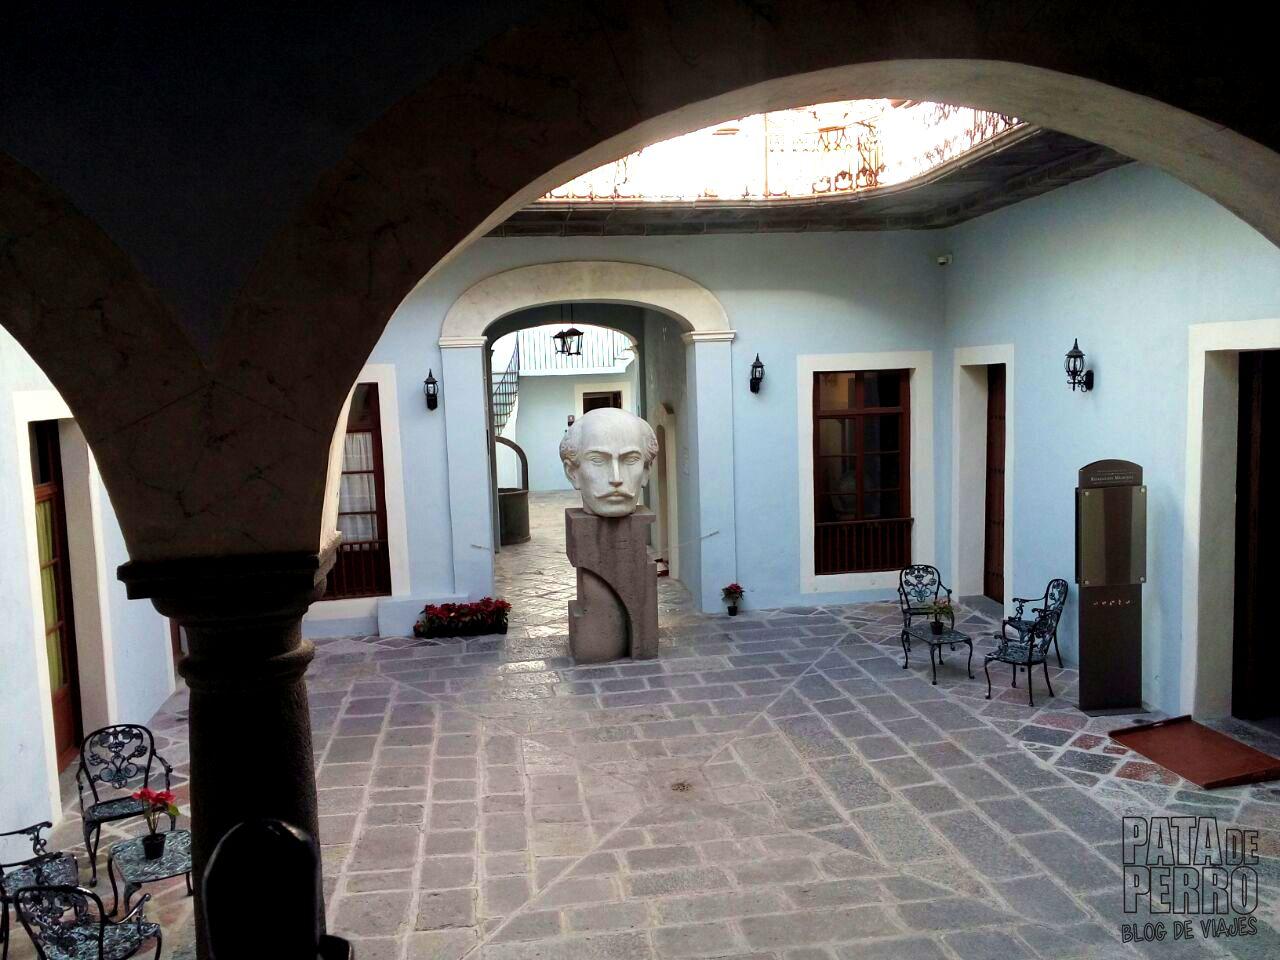 museo-regional-de-la-revolucion-mexicana-casa-de-los-hermanos-serdan-pata-de-perro-blog-de-viajes03